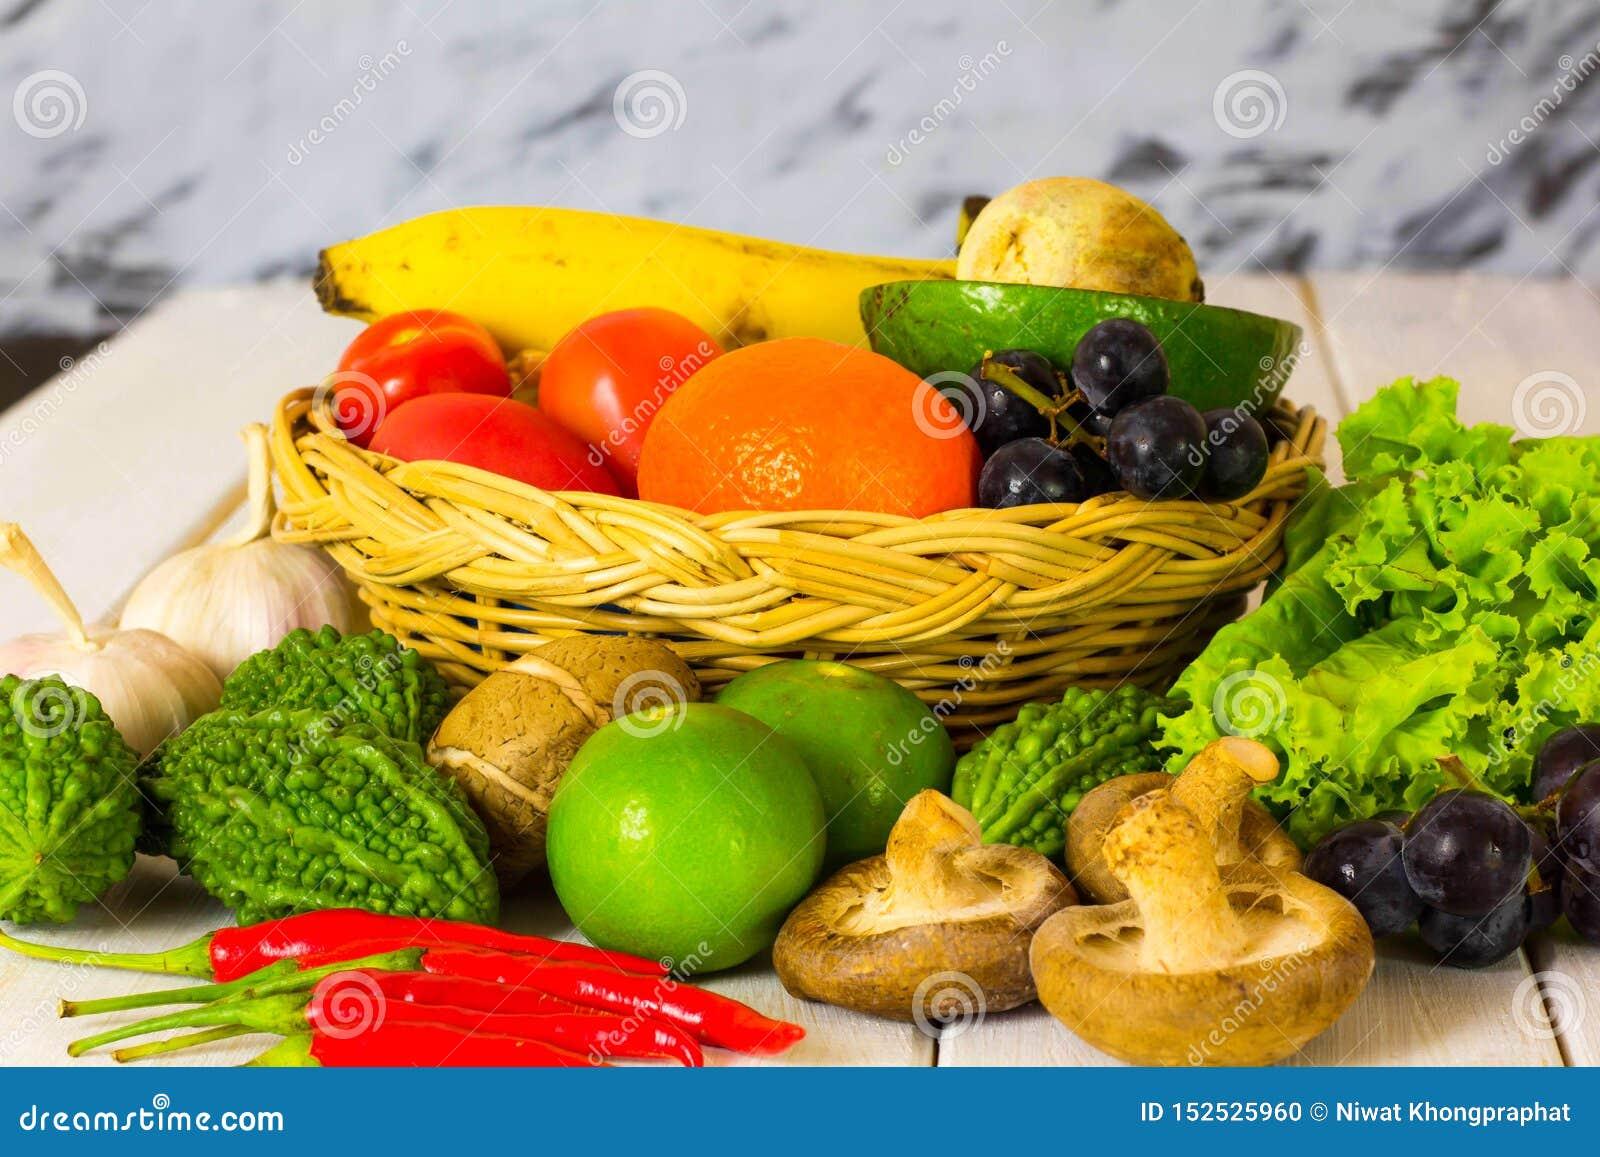 Fruits et légumes colorés placés sur la table